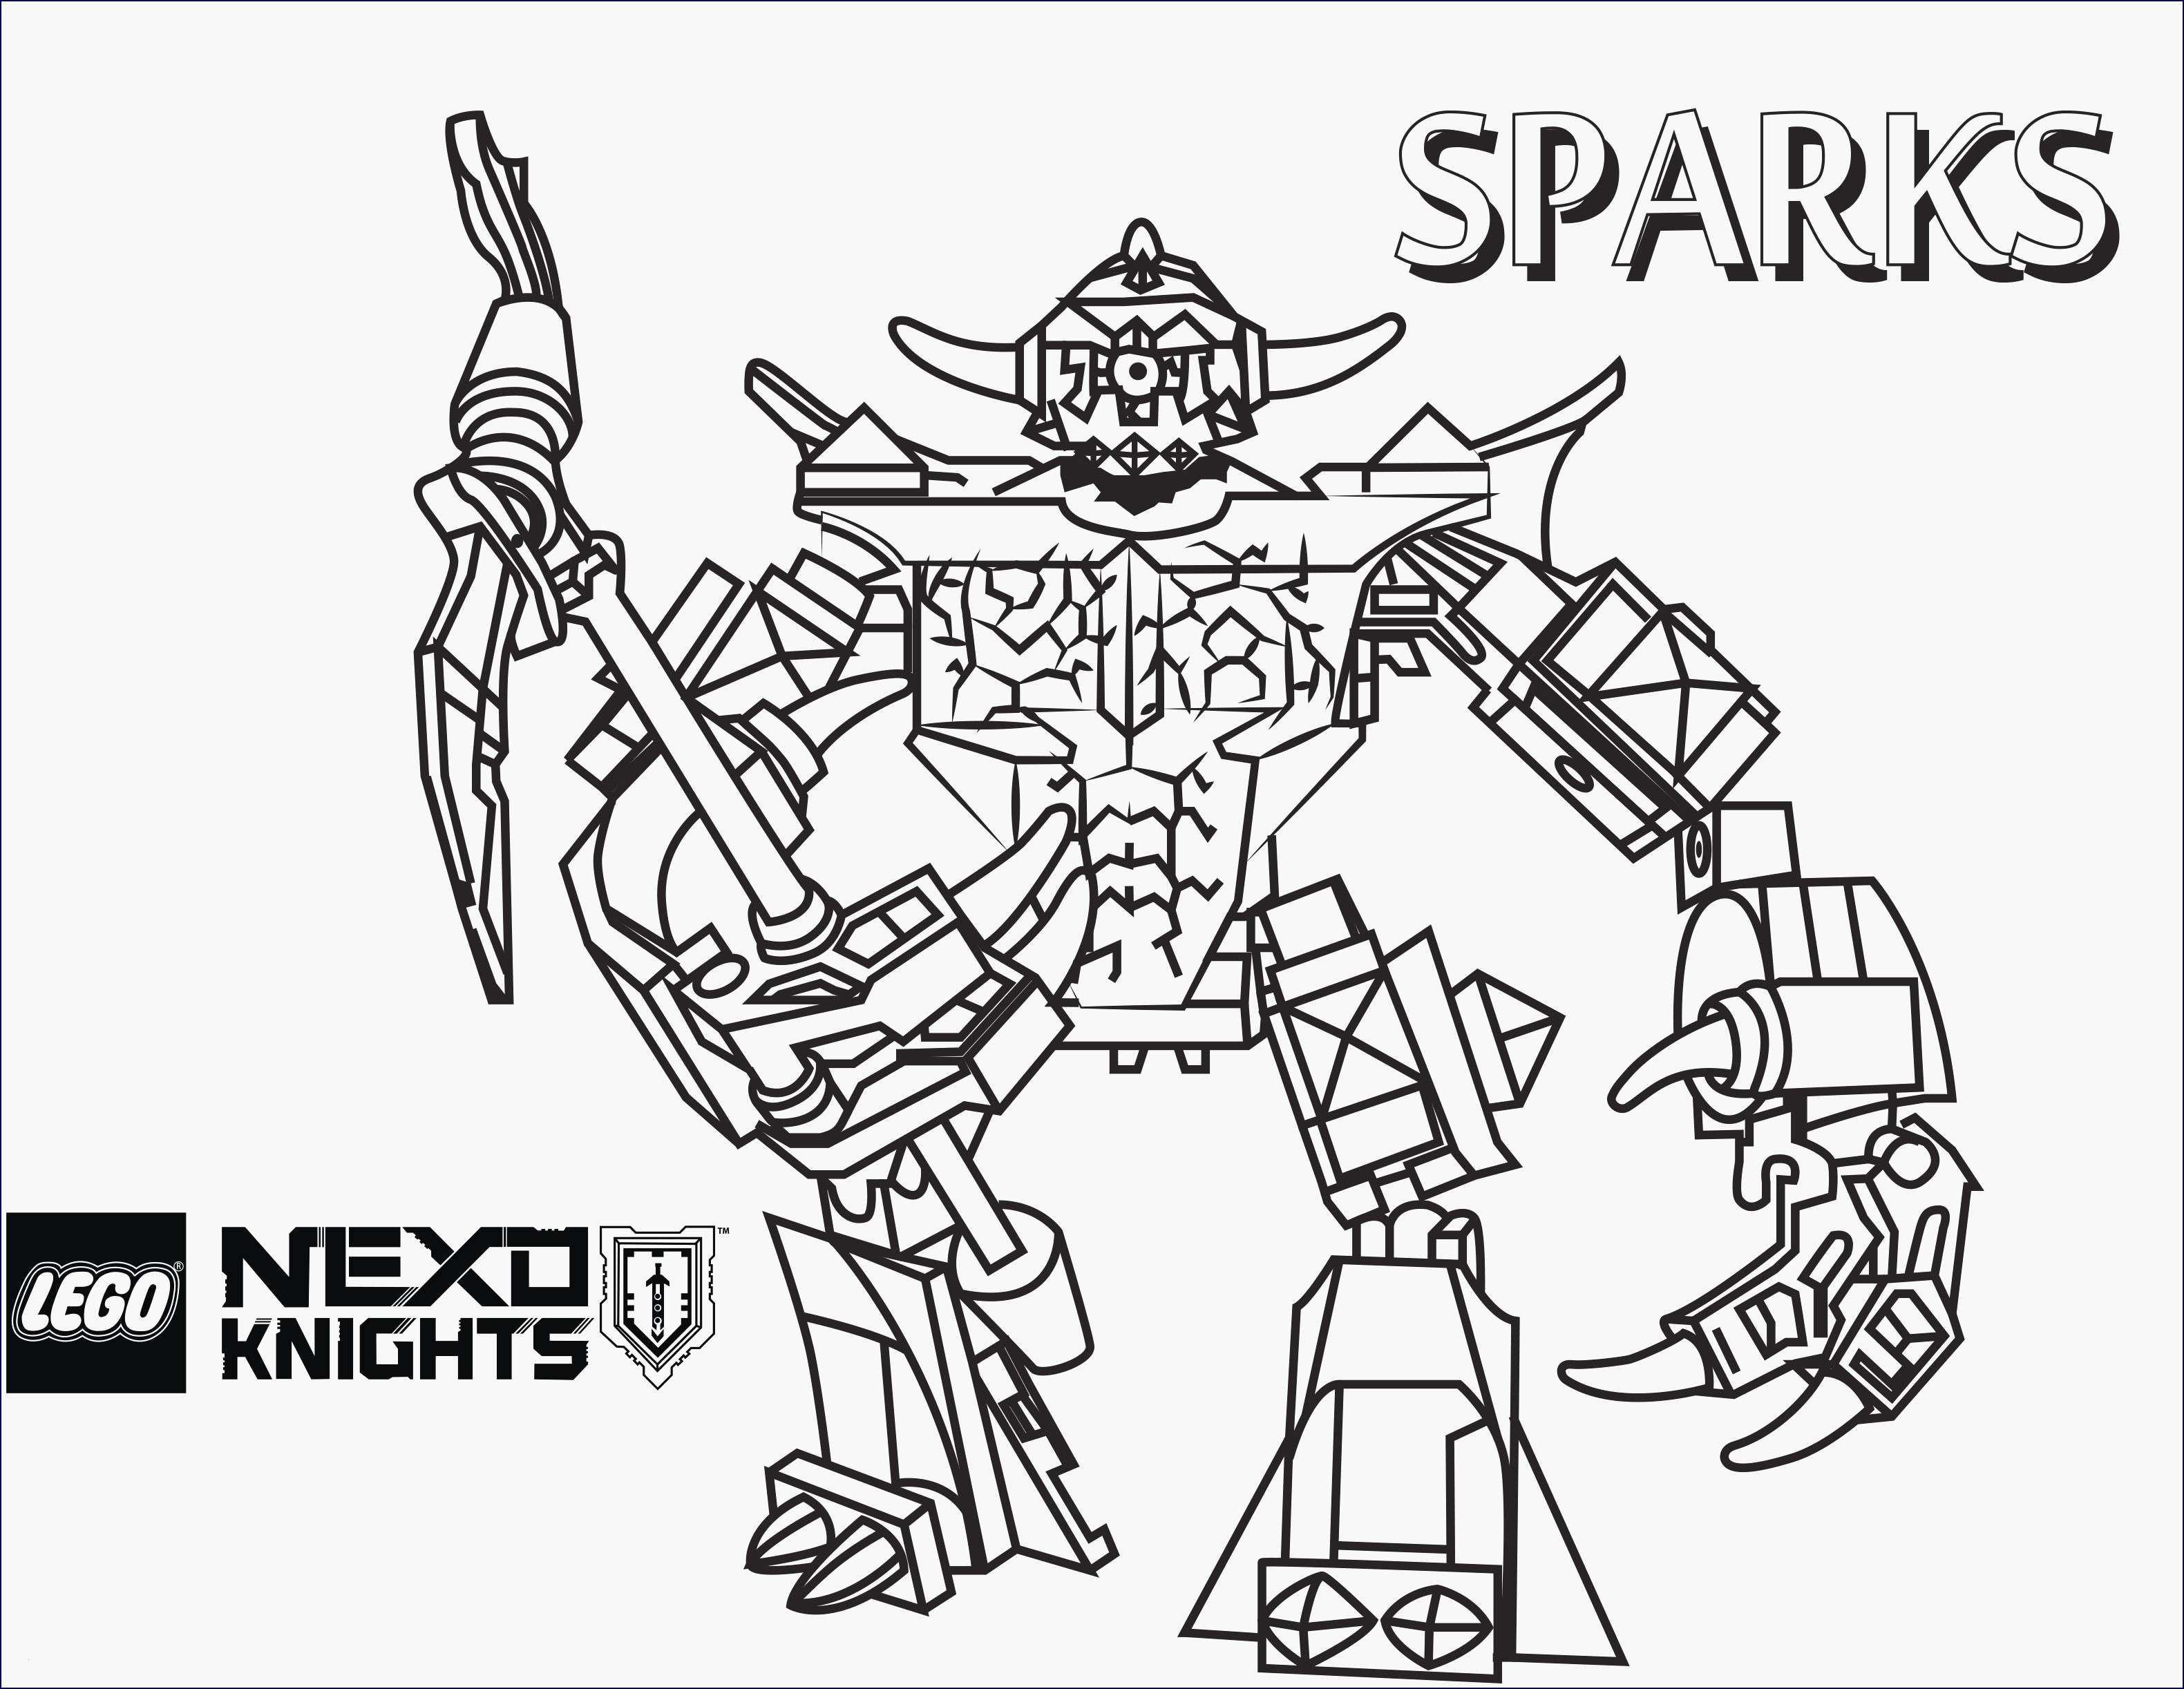 Die 20 Besten Ideen Für Lego Ninjago Ausmalbilder Desenhos Para